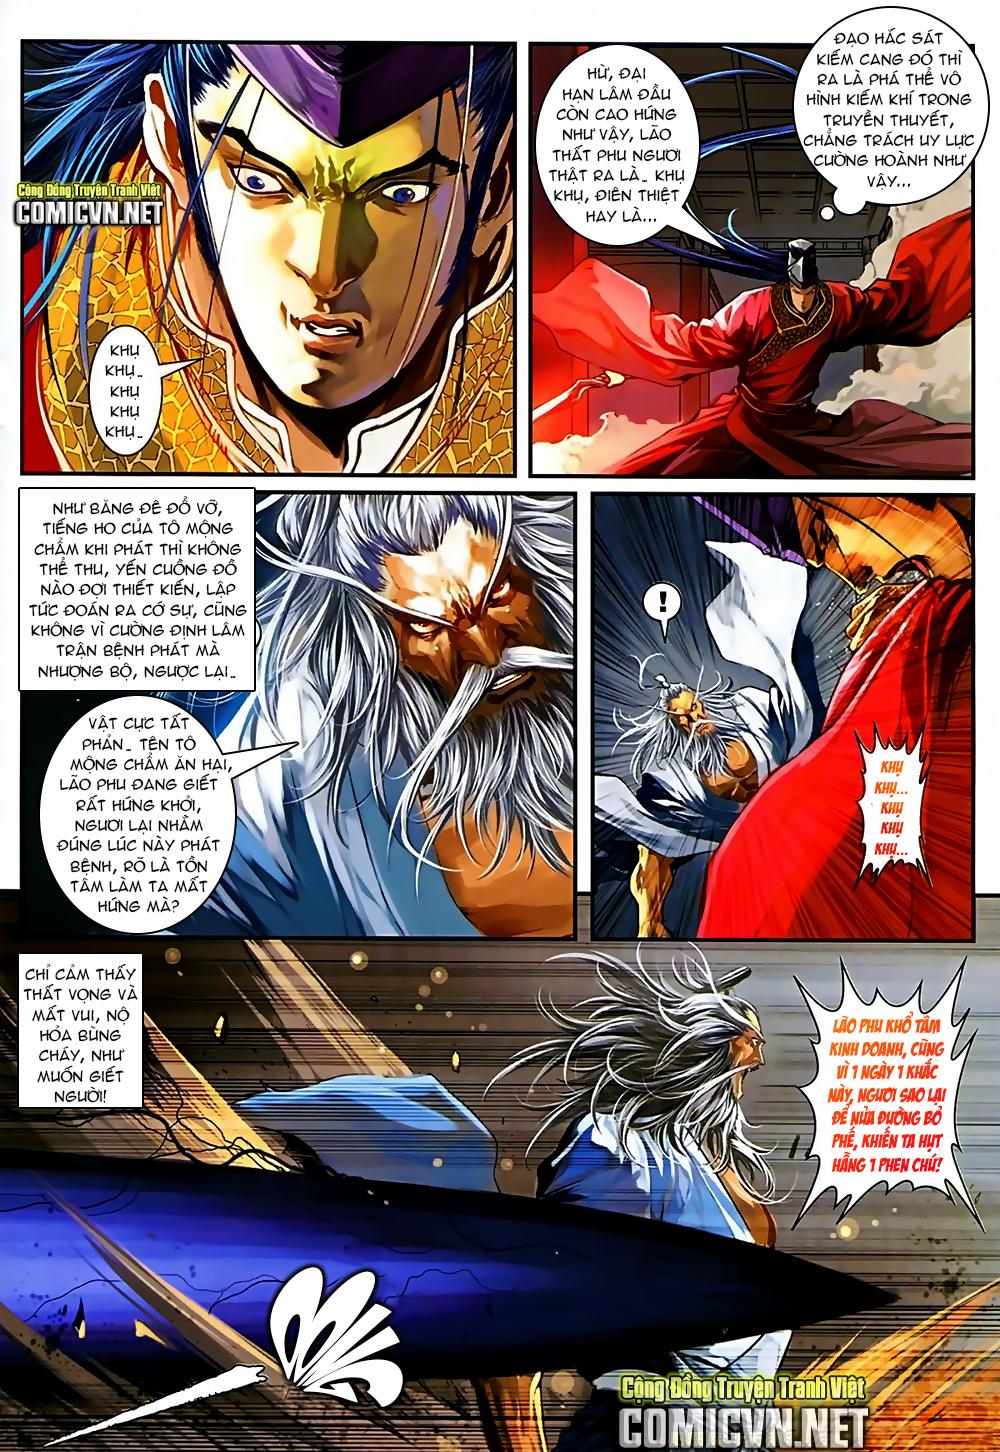 Ôn Thuỵ An Quần Hiệp Truyện Phần 2 chapter 37 trang 6